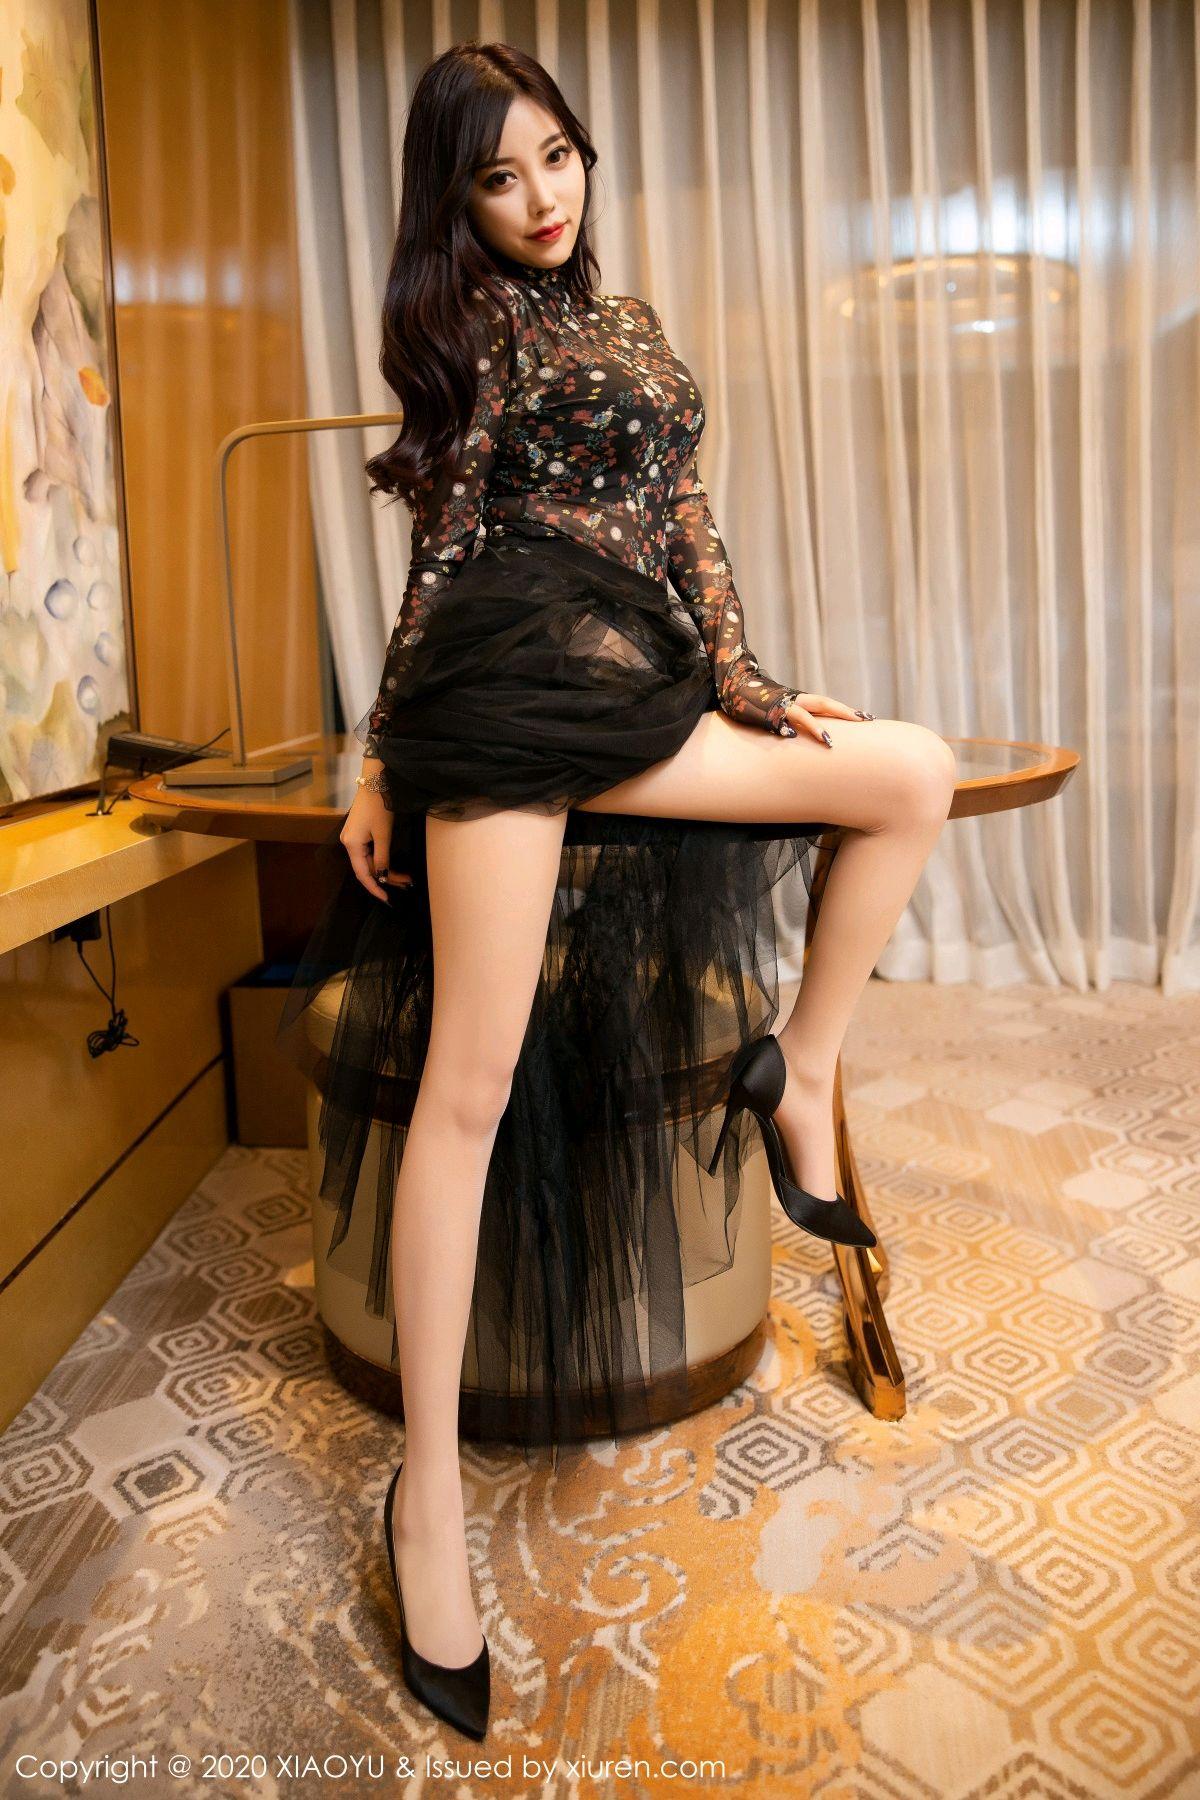 [XiaoYu] Vol.289 Yang Chen Chen 17P, Underwear, XiaoYu, Yang Chen Chen